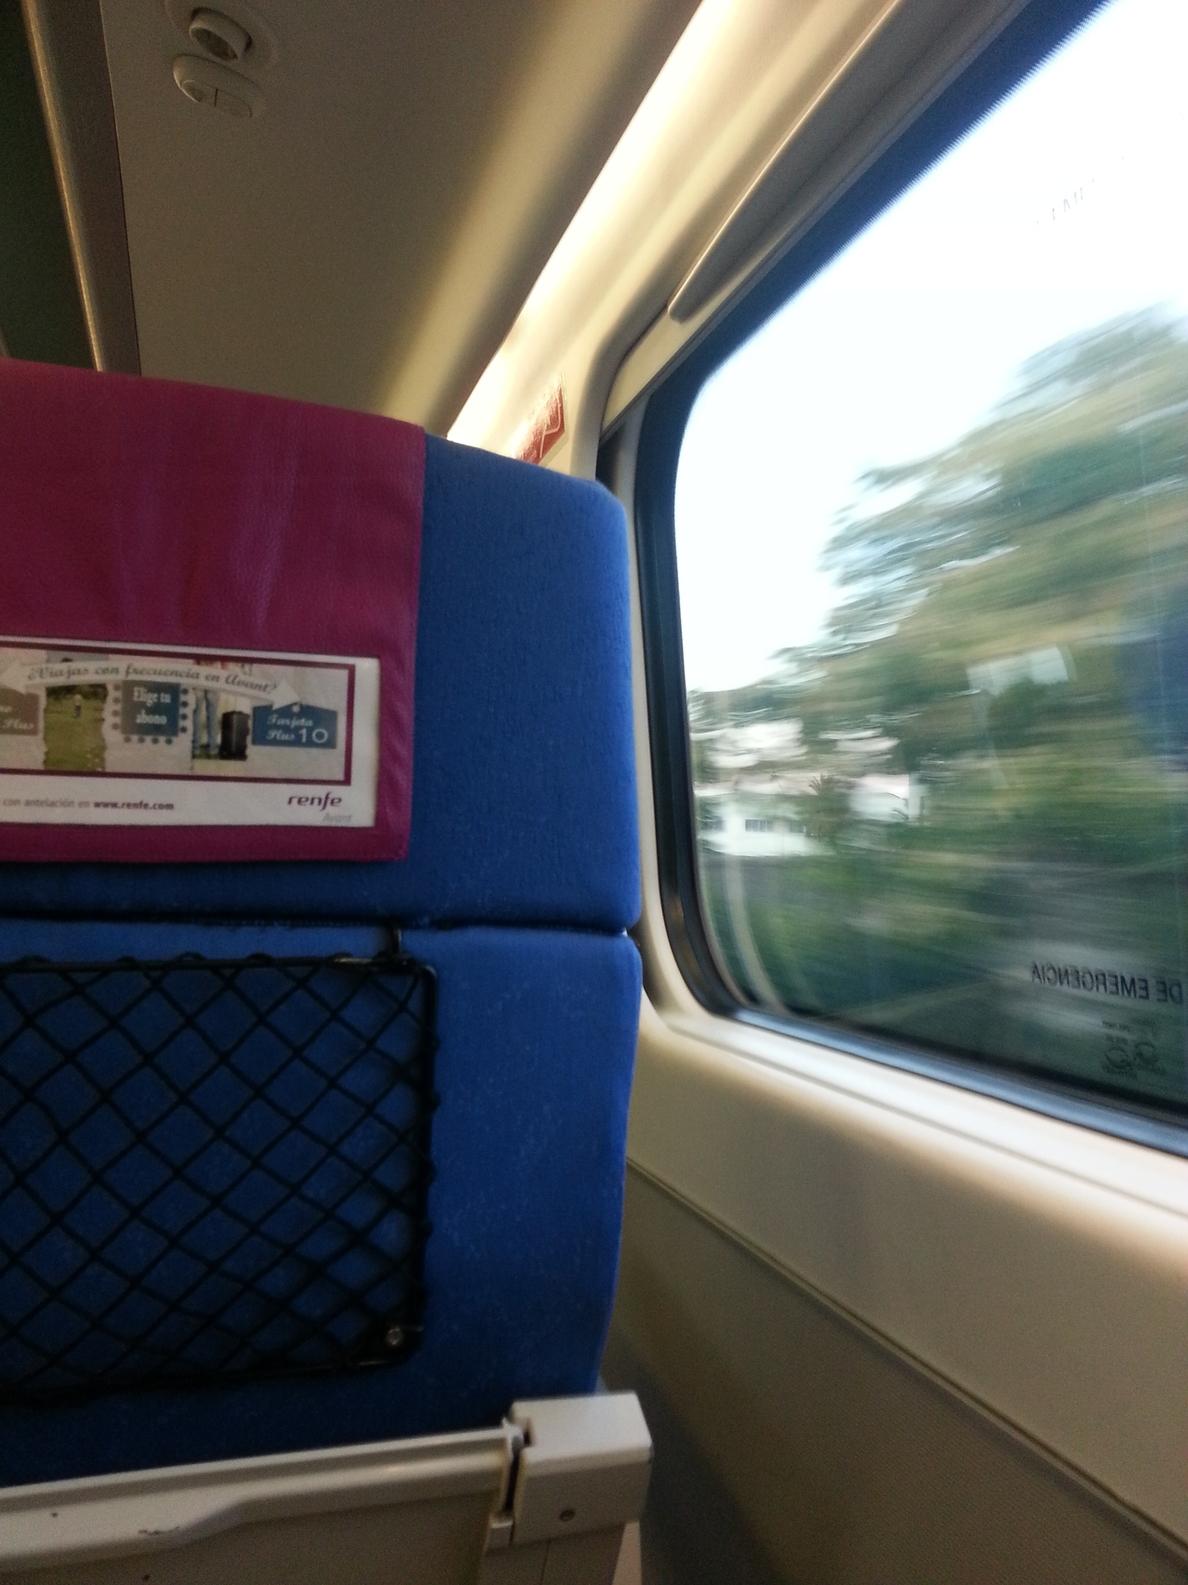 RENFE duplicará la oferta de plazas de diez trenes el próximo fin de semana